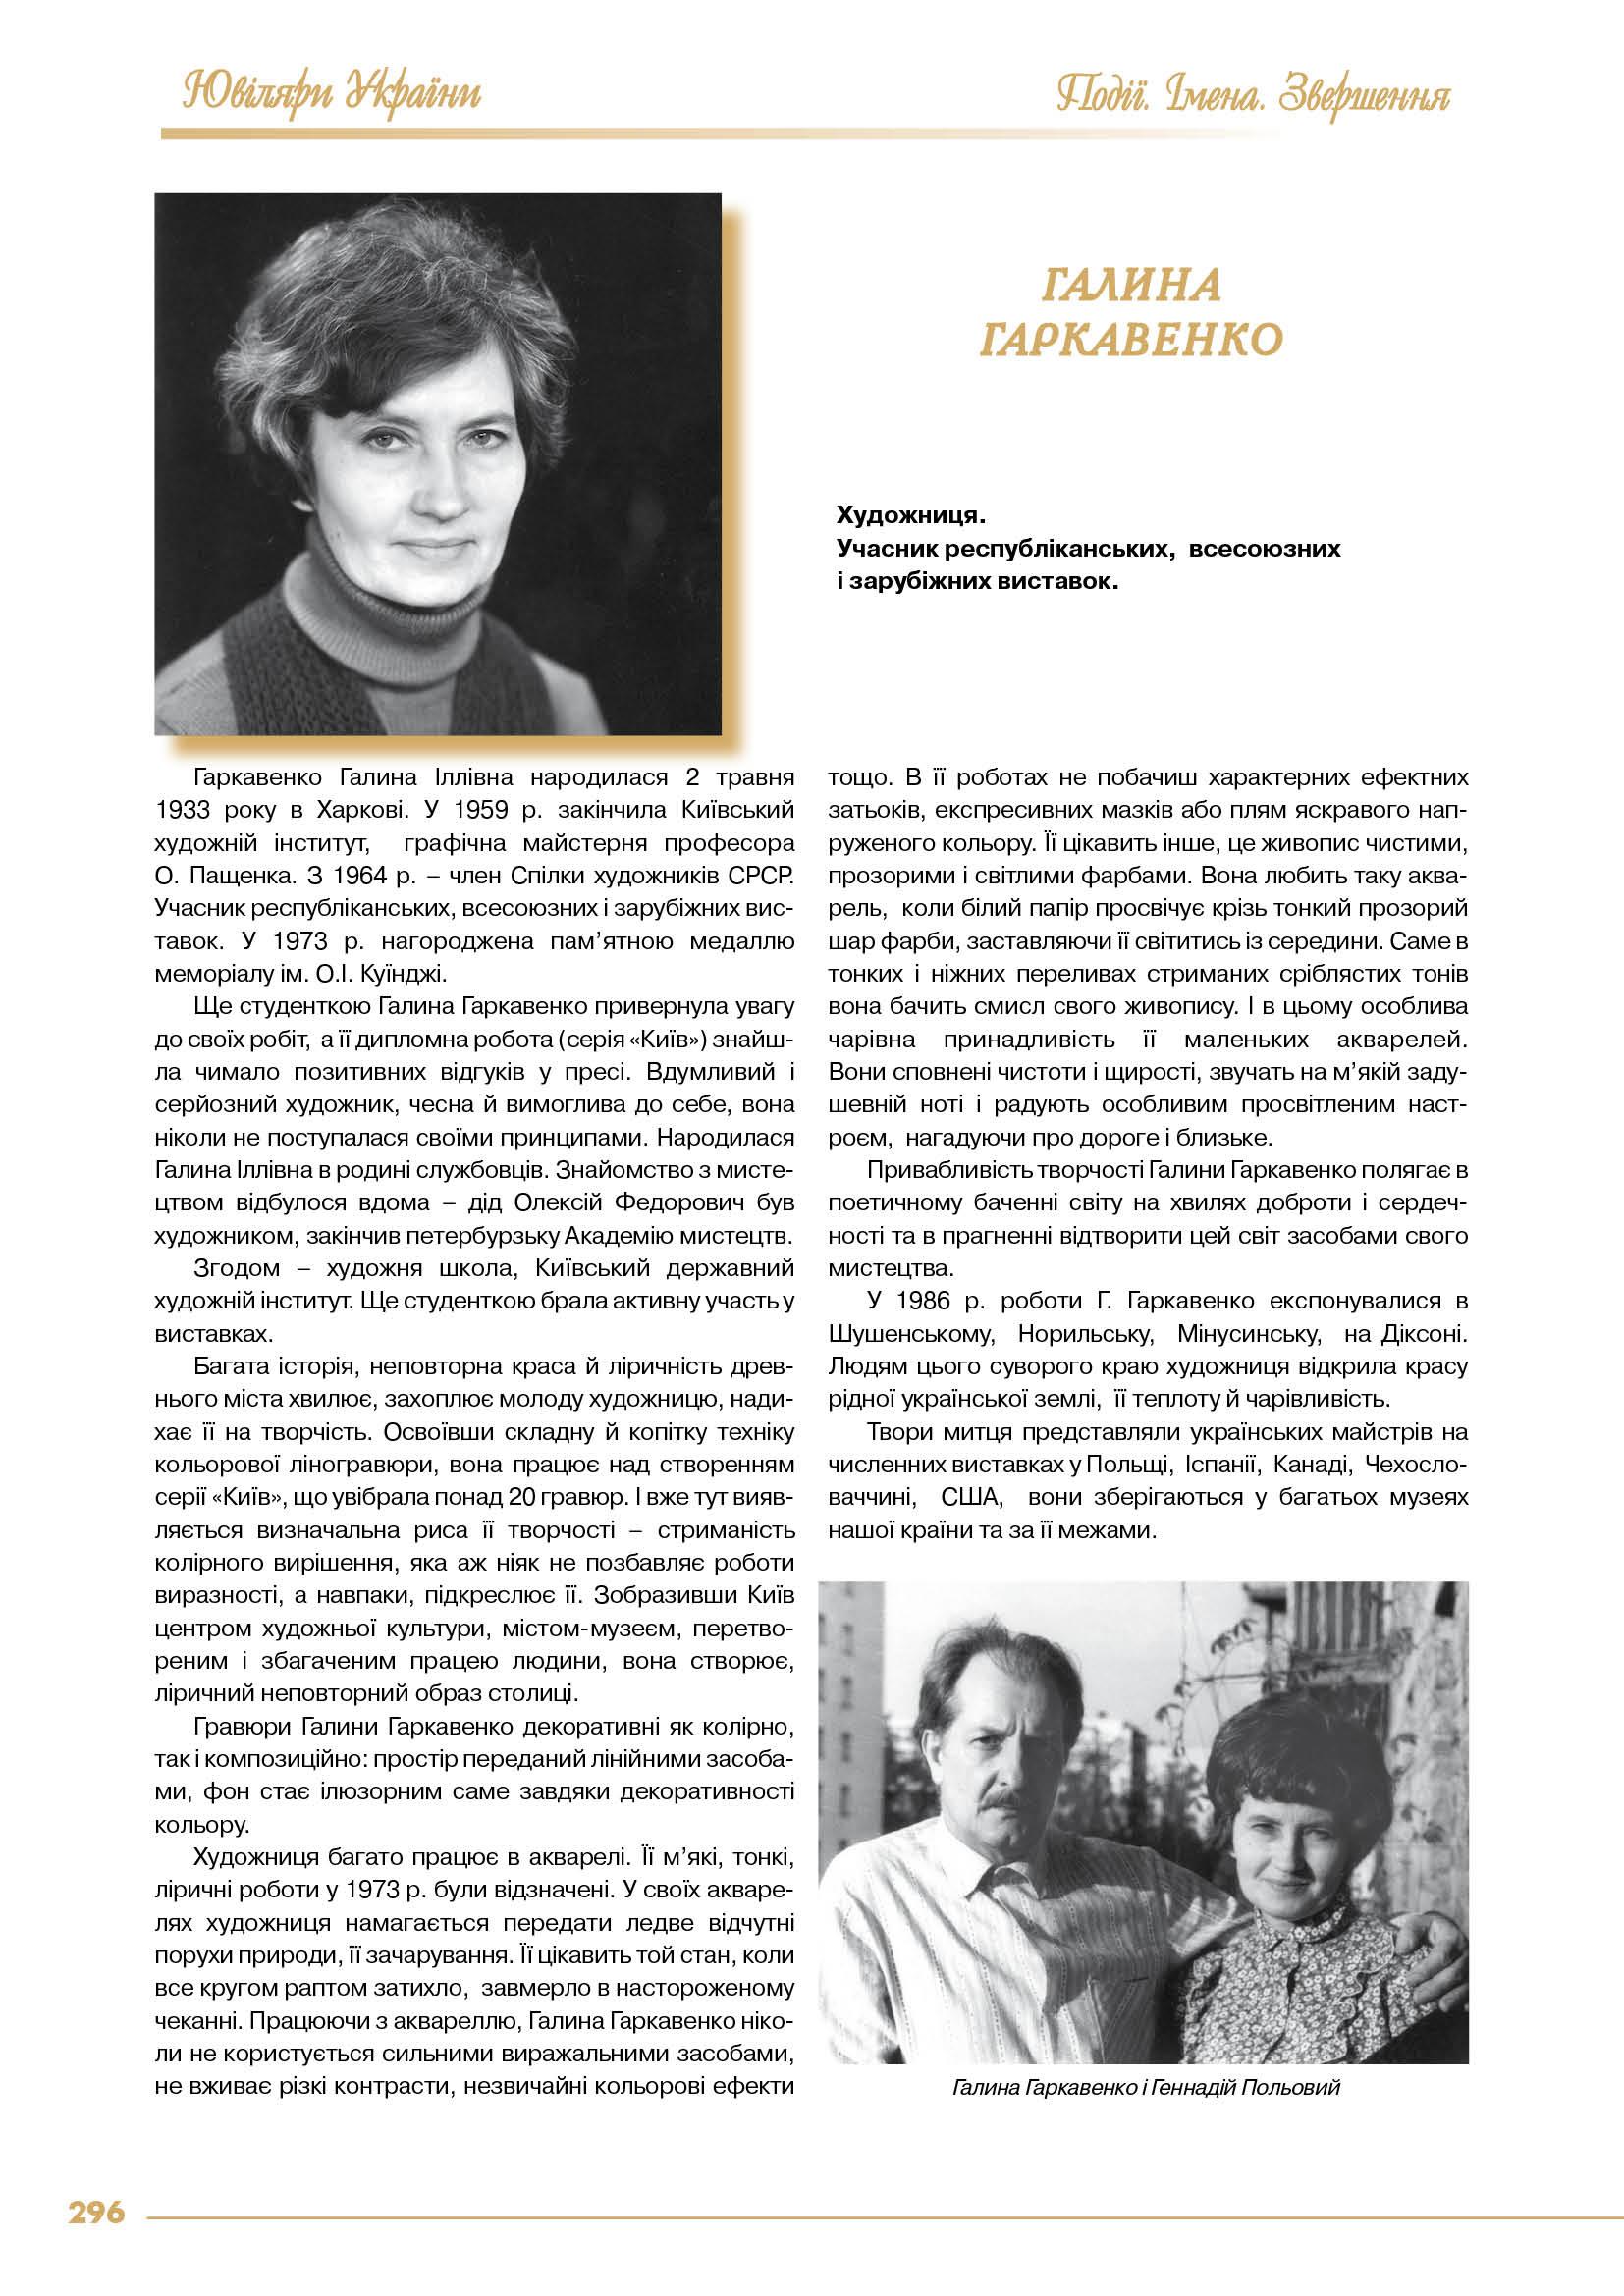 Галина Гаркавенко